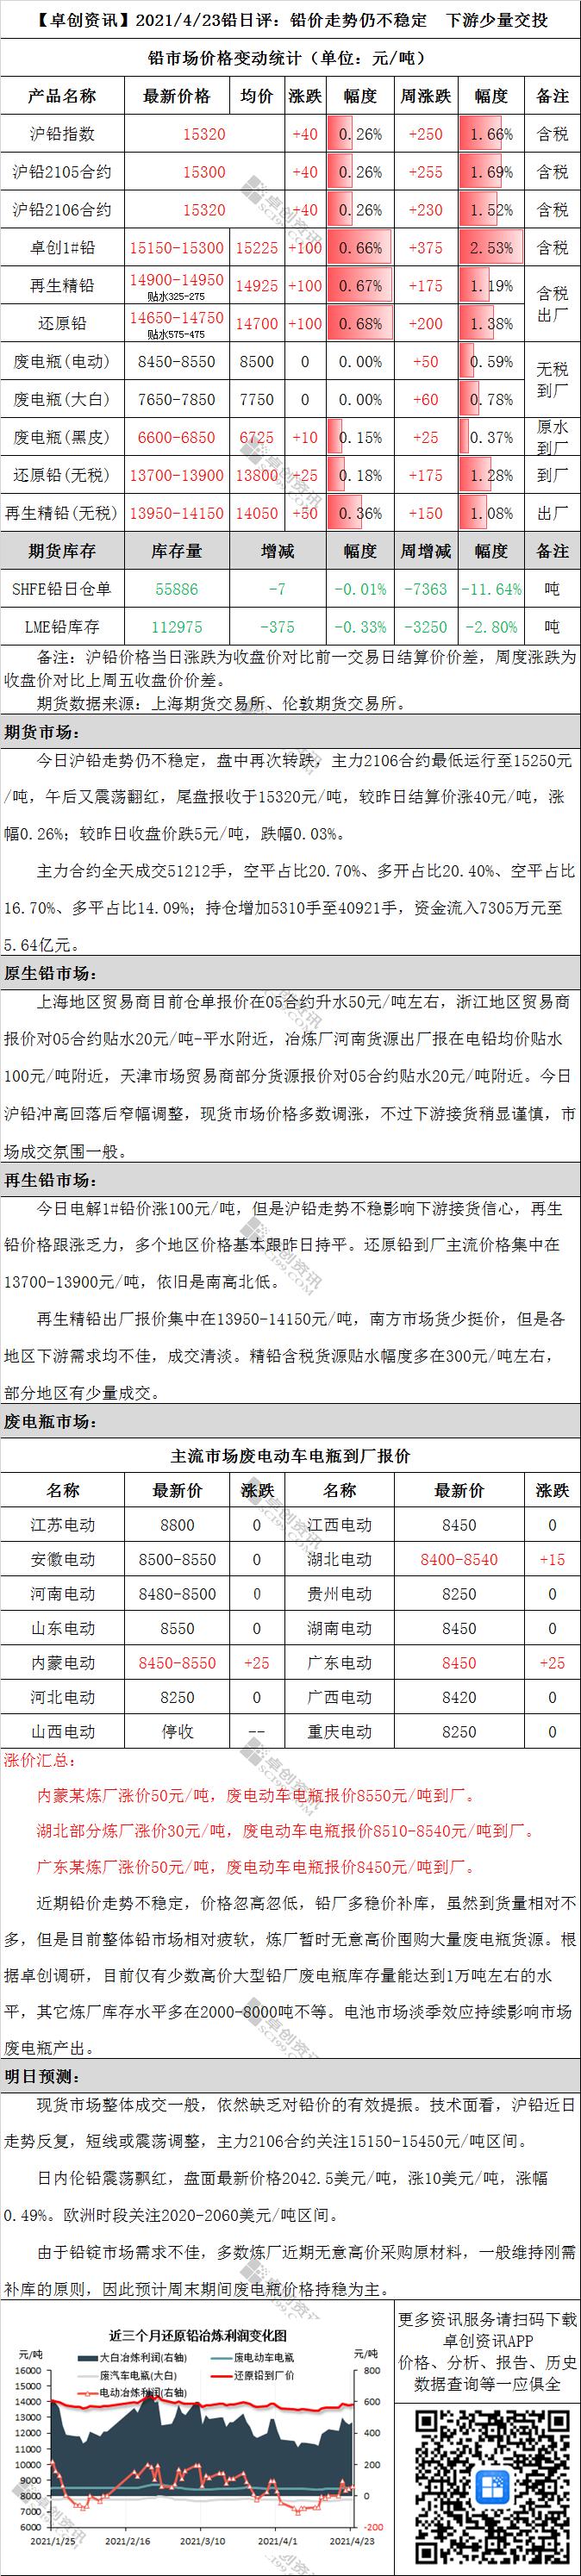 铅日评:铅价走势仍不稳定 下游少量交投